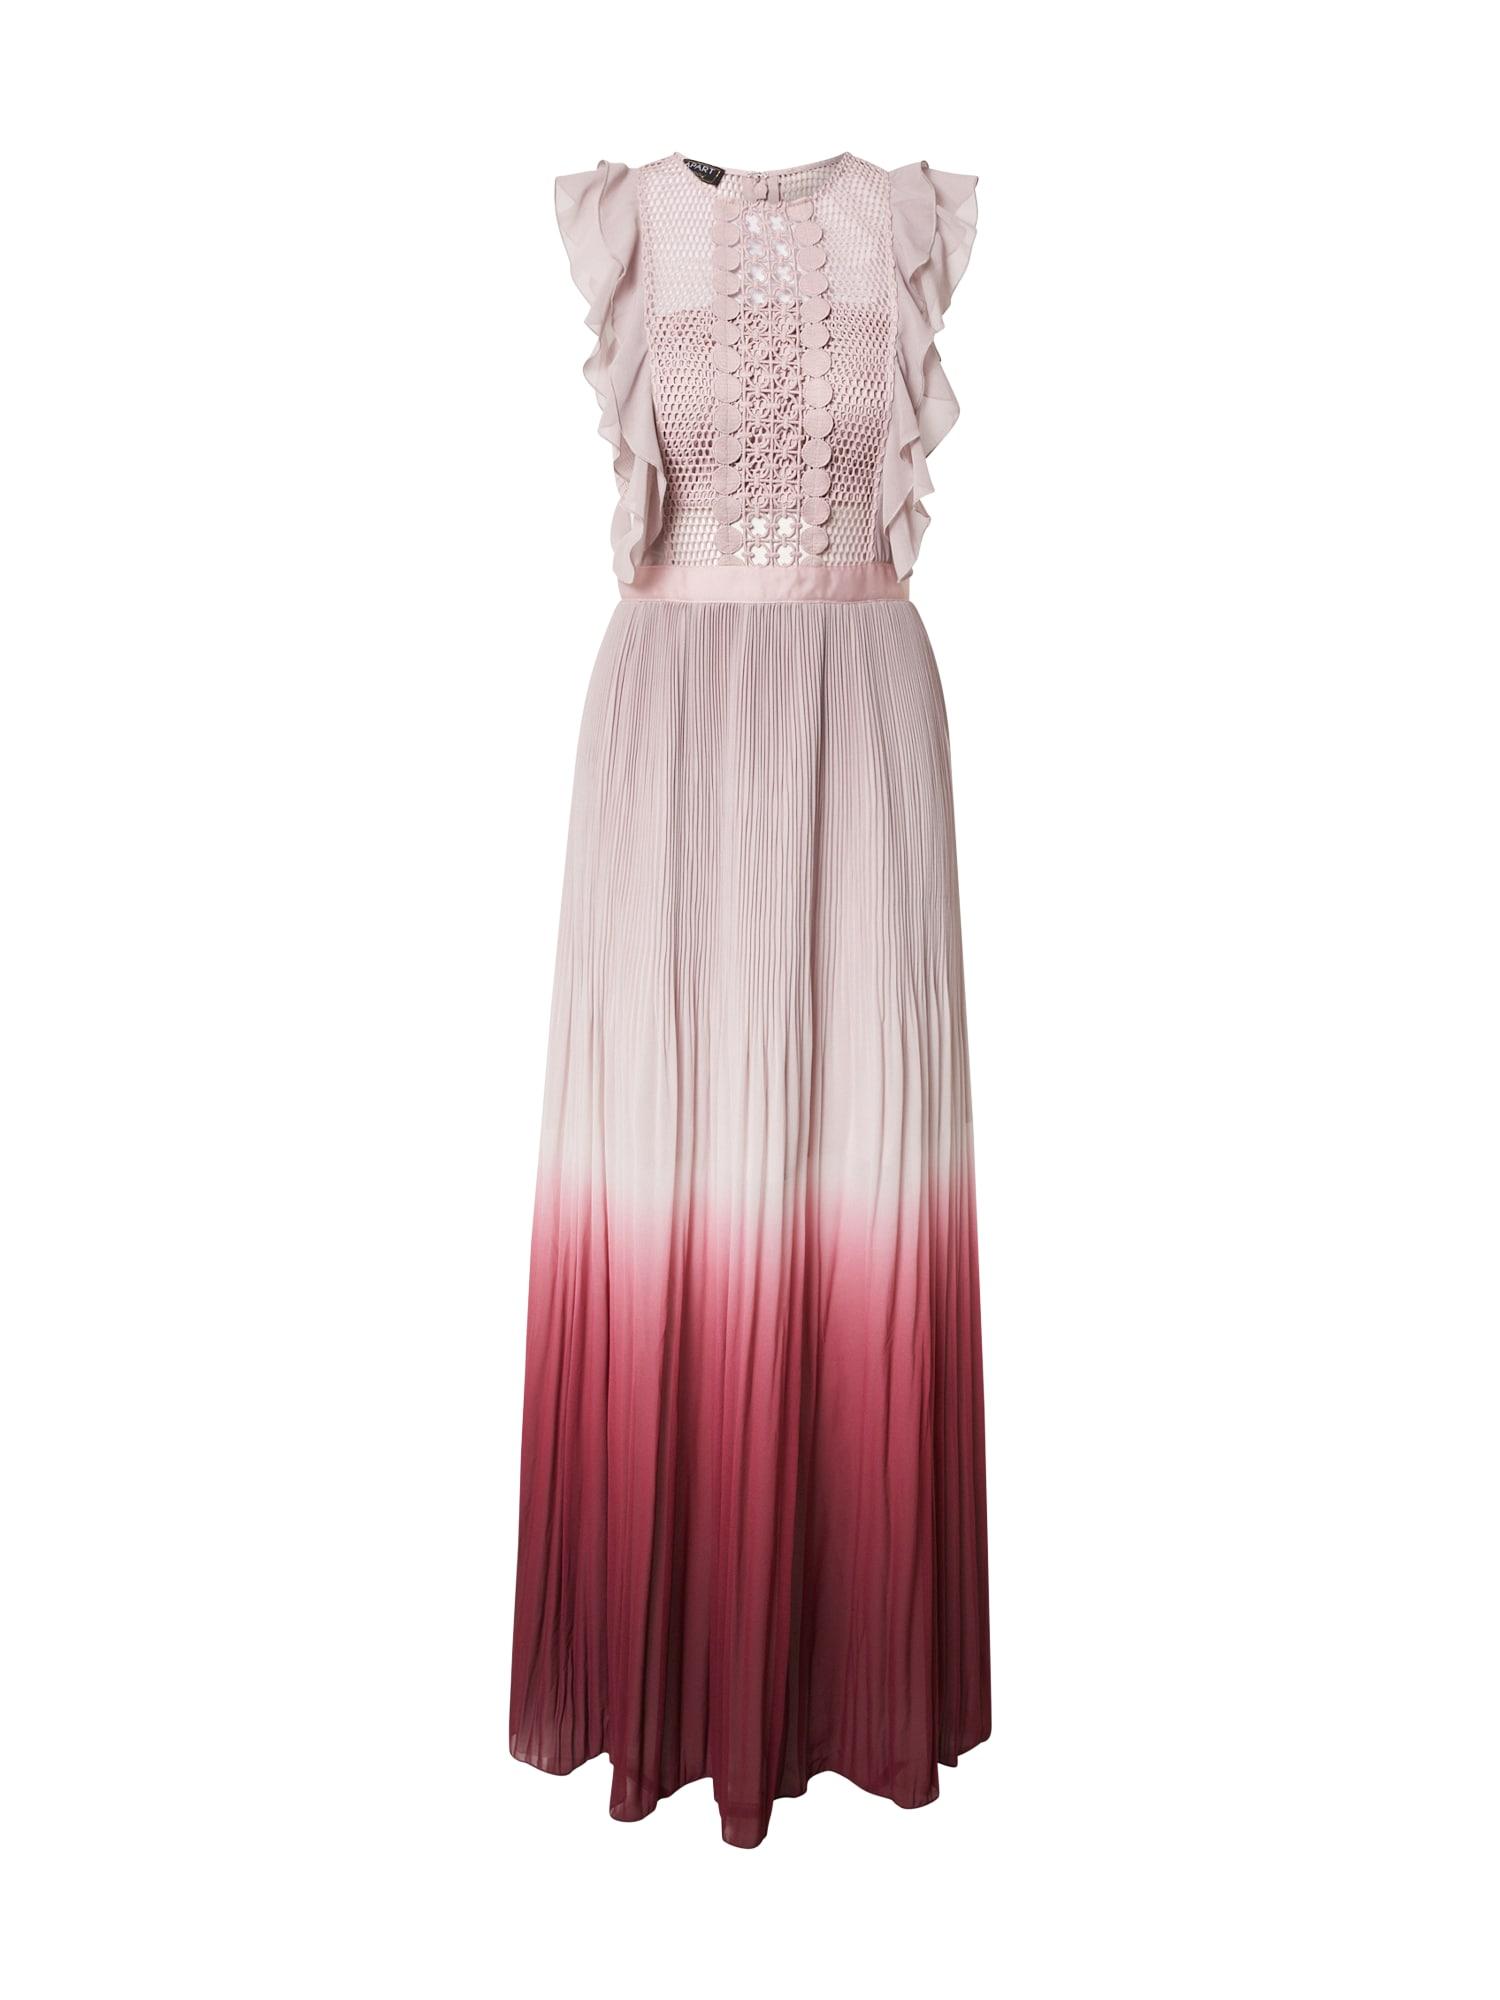 APART Vakarinė suknelė vyšninė spalva / rausvai violetinė spalva